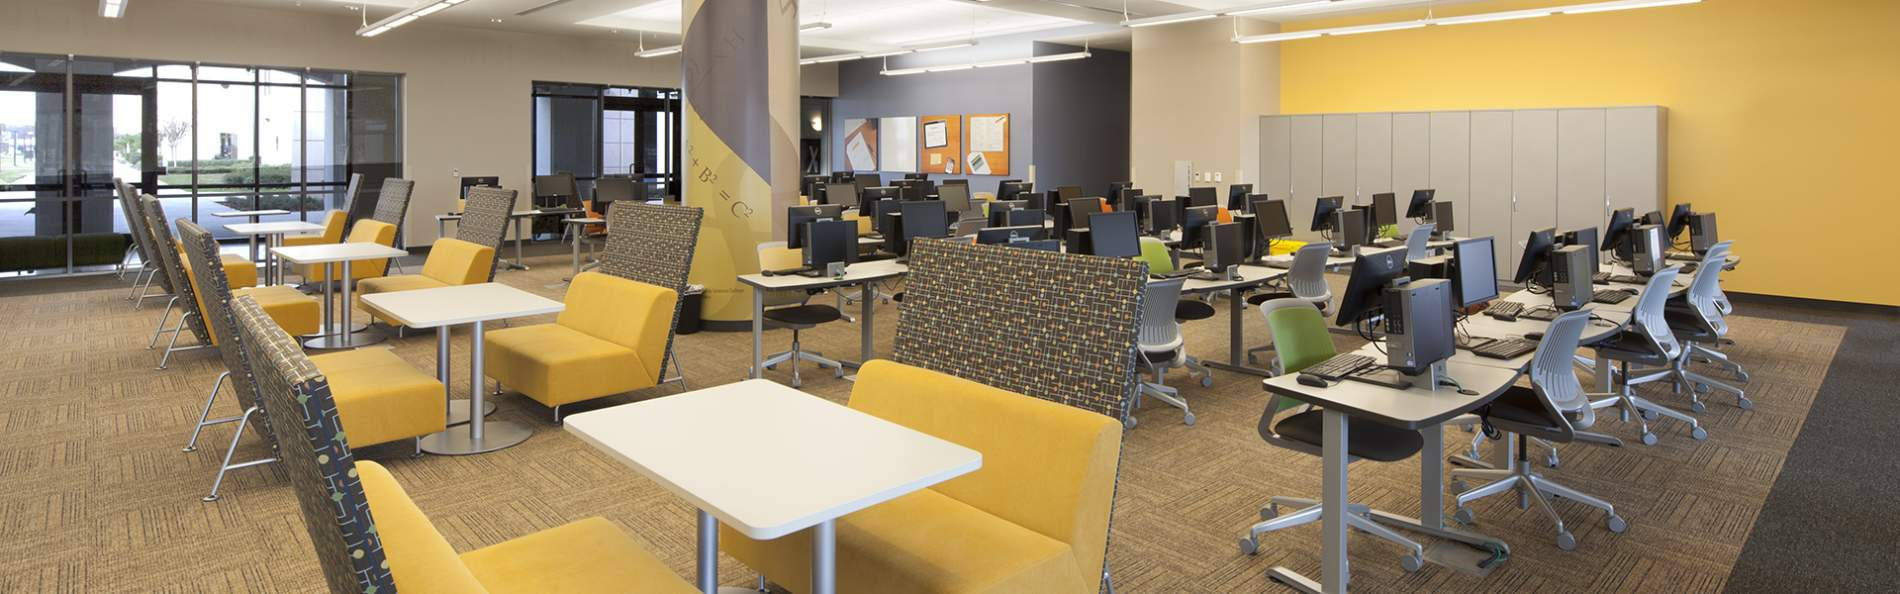 Valencia College Osceola Campus Building 4 Amp Cep Clancy